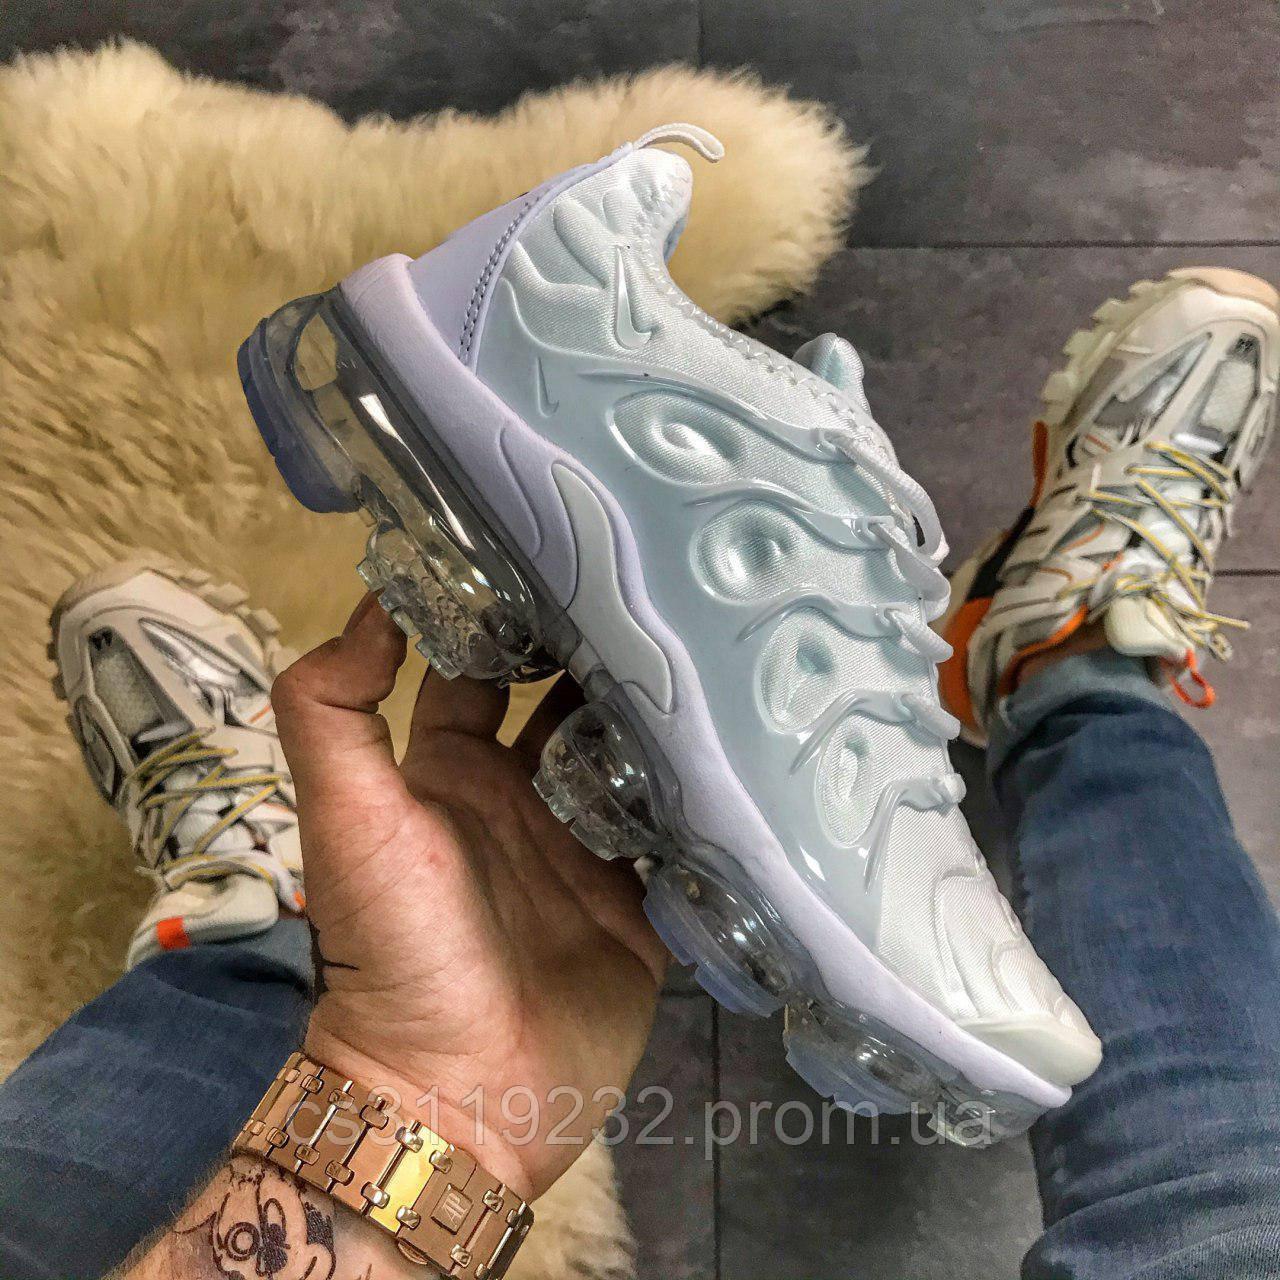 Жіночі кросівки Nike VaporMax Plus Triple White (білий)